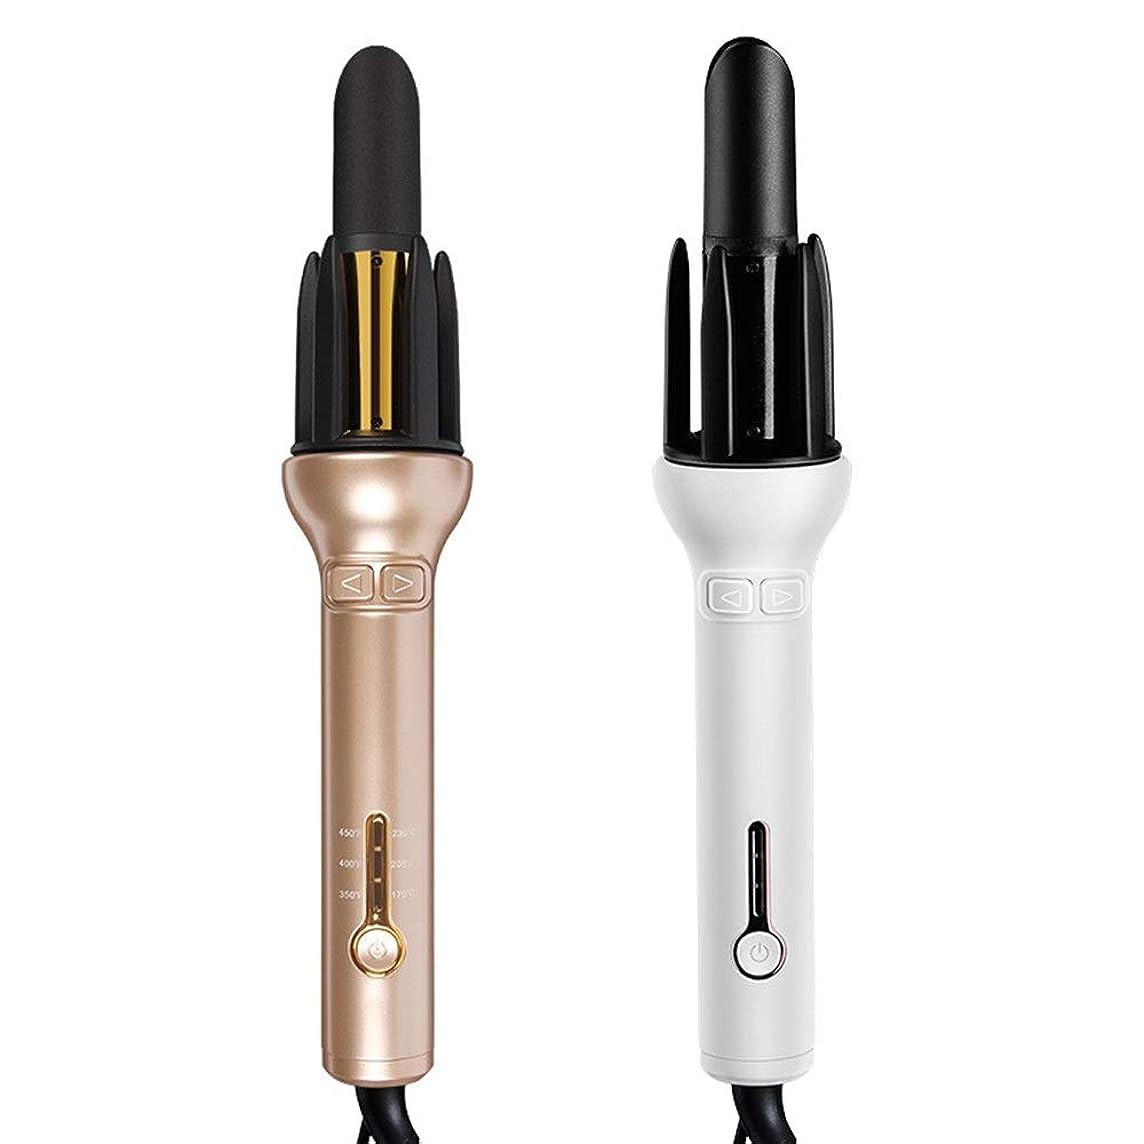 ゴミ攻撃本物の自動巻き毛スティックは髪を傷つけませんゴールドセラミックヘアスティックナシ花ビッグウェーブレイジーカーリーヘアアーティファクトセラミックグレーズコーティングヘアケア3温度調節可能360°巻き上げテールなし1ボタン操作 (Color : 白)